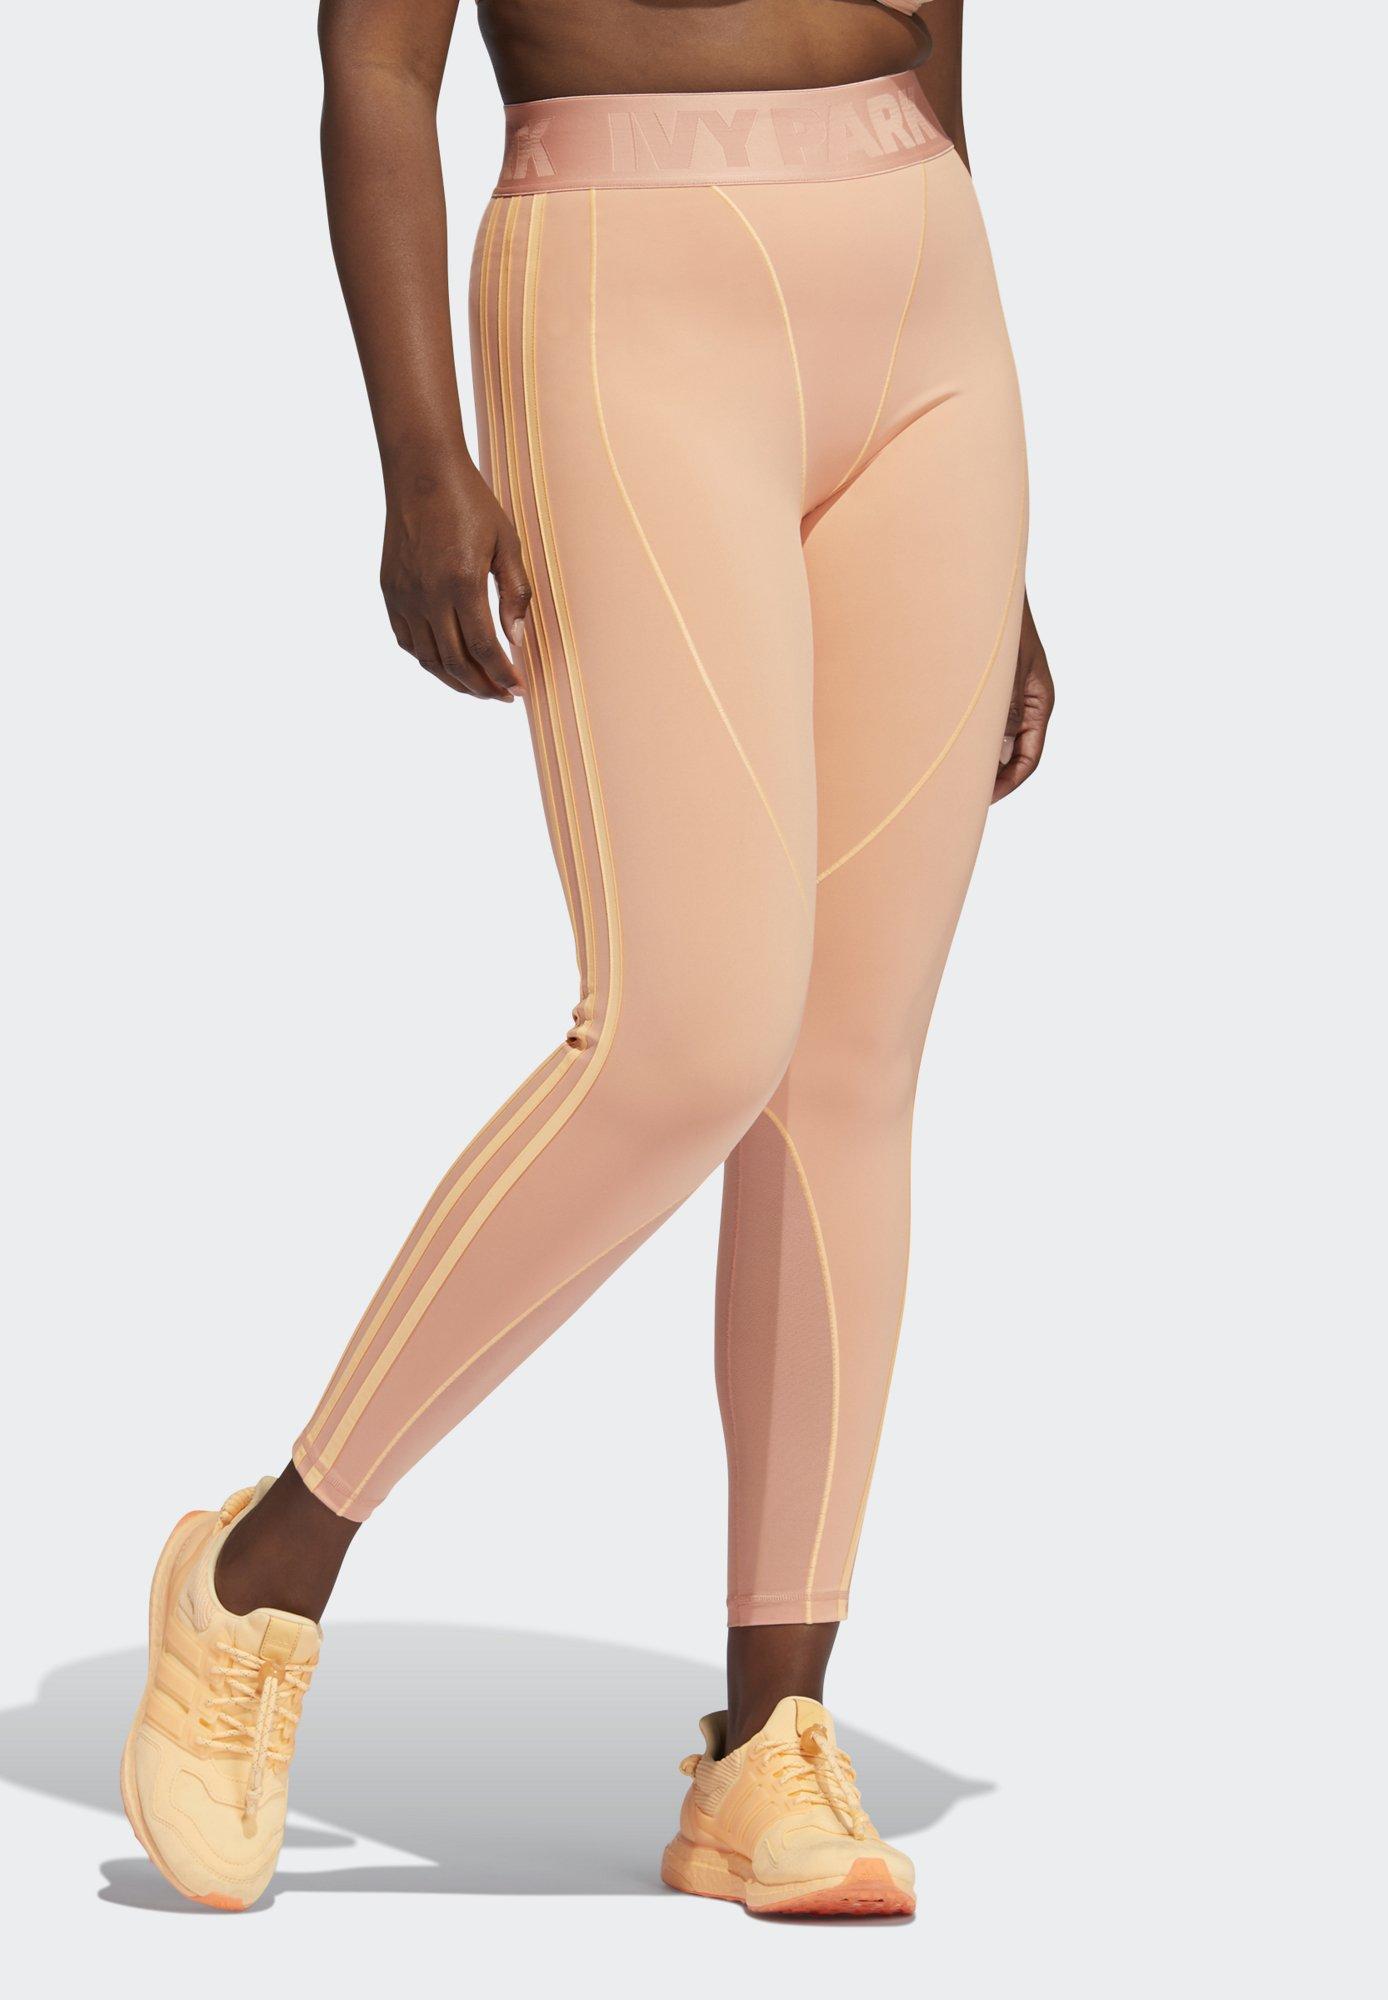 Damen IVY PARK TIGHT - Leggings - Hosen